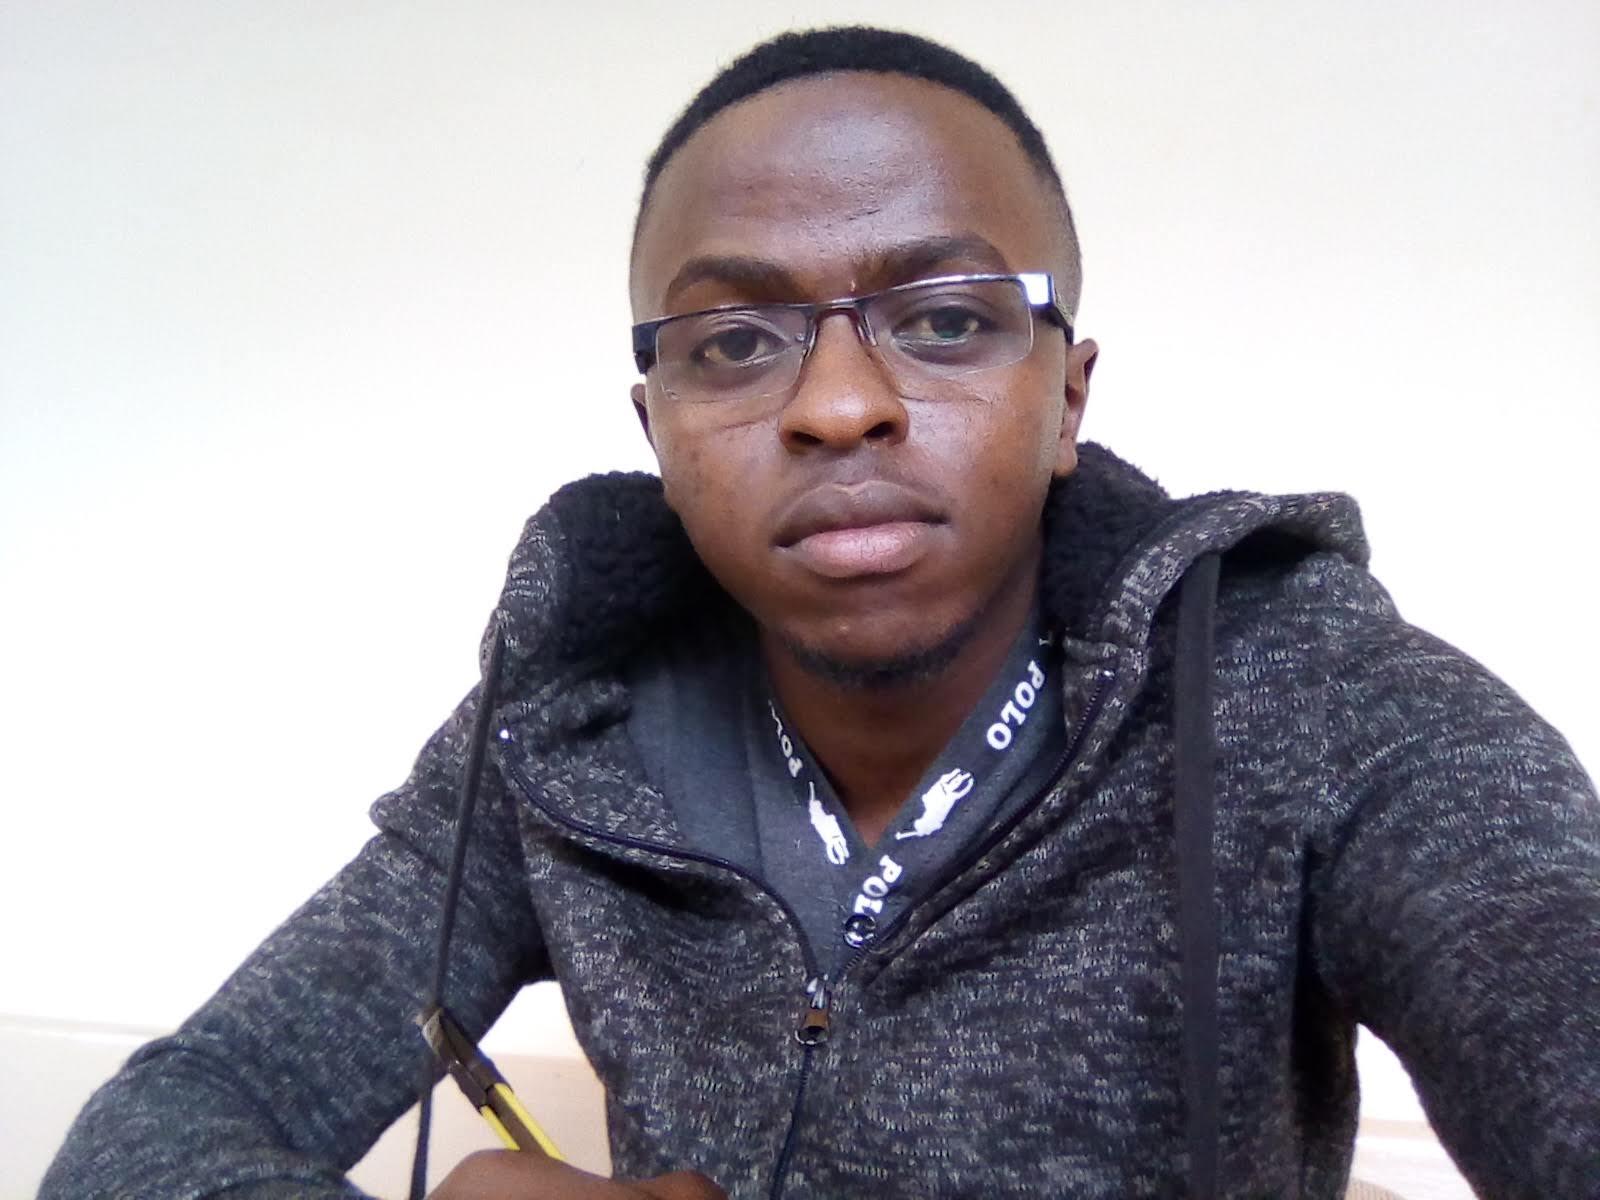 Samson Kimingi Njoroge